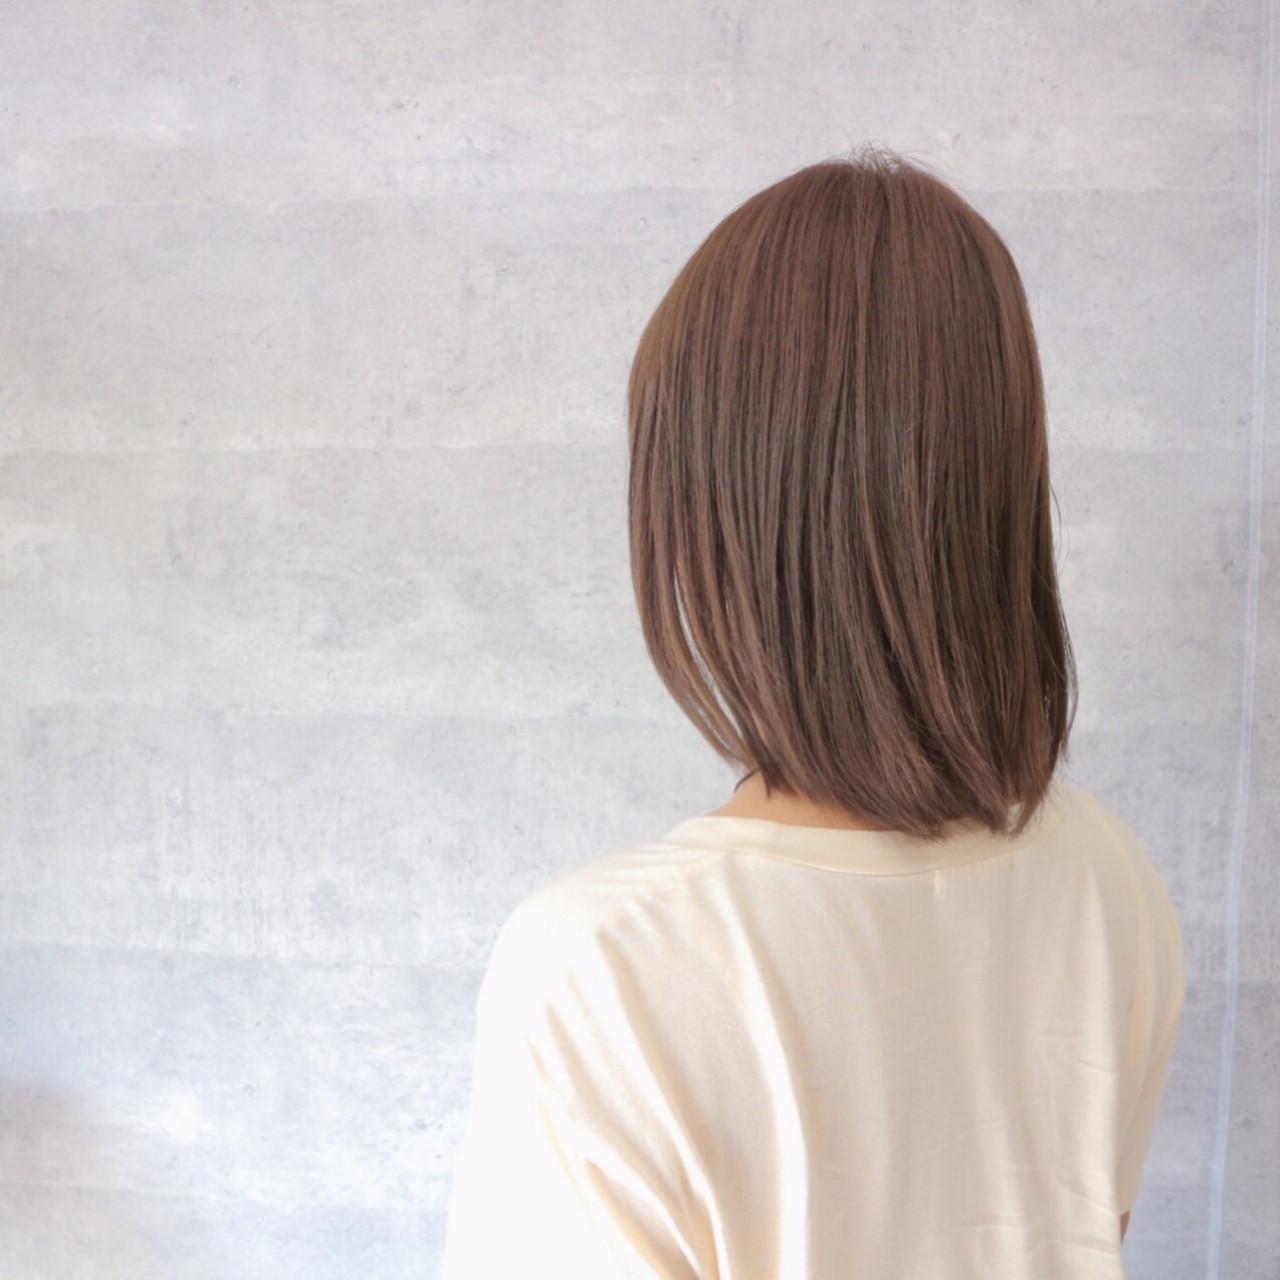 艶髪 爽やか オフィス ネイビー ヘアスタイルや髪型の写真・画像   桑村亮太/CALIF hair store / 函館/CALIF hair store/キャリフ ヘアストア